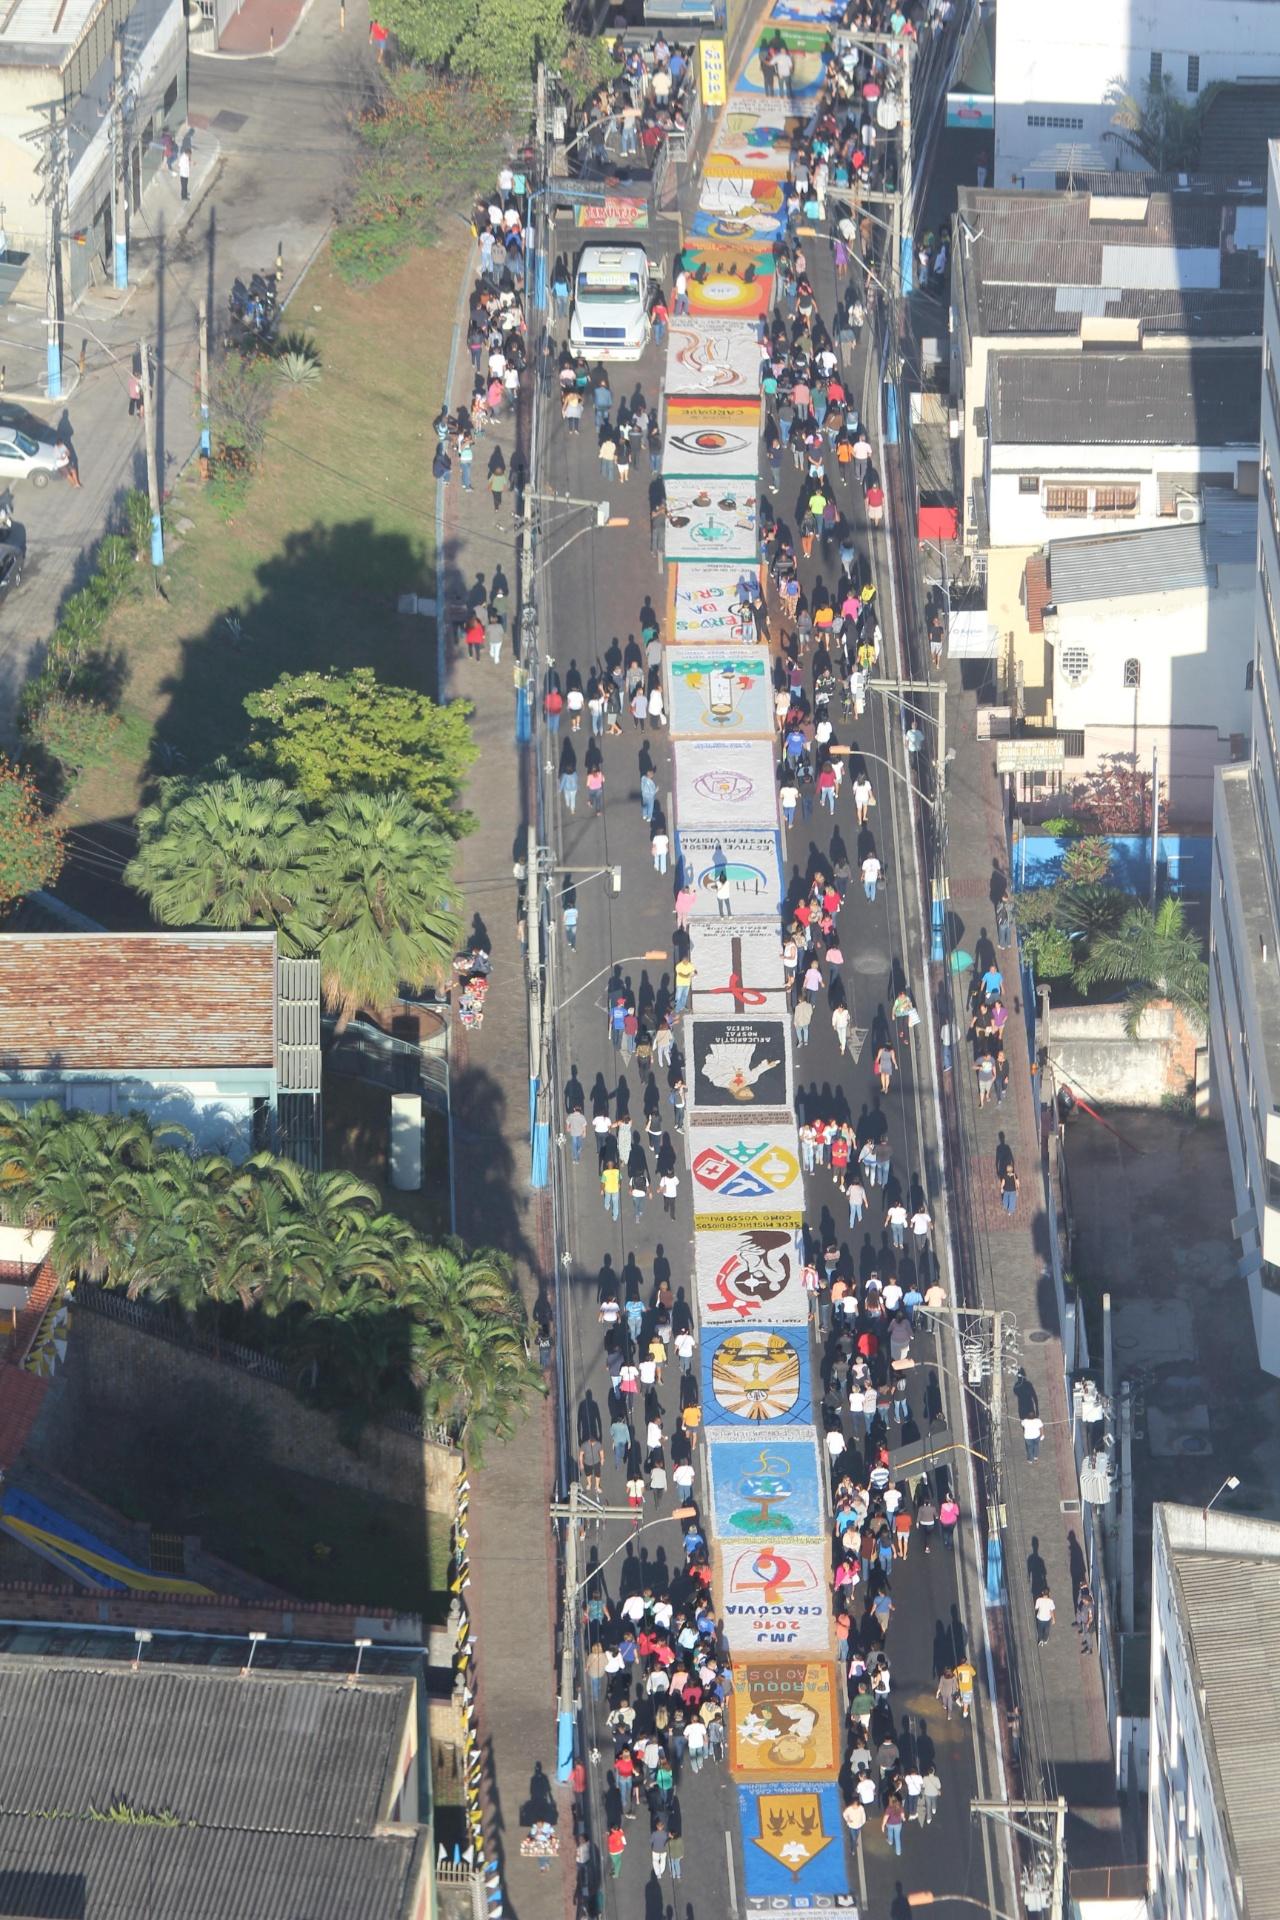 26.mai.2016 - Imagem aérea mostra o tapete montado por fiéis na região da Catedral do Rio de Janeiro para celebrar o Corpus Christi nesta quinta